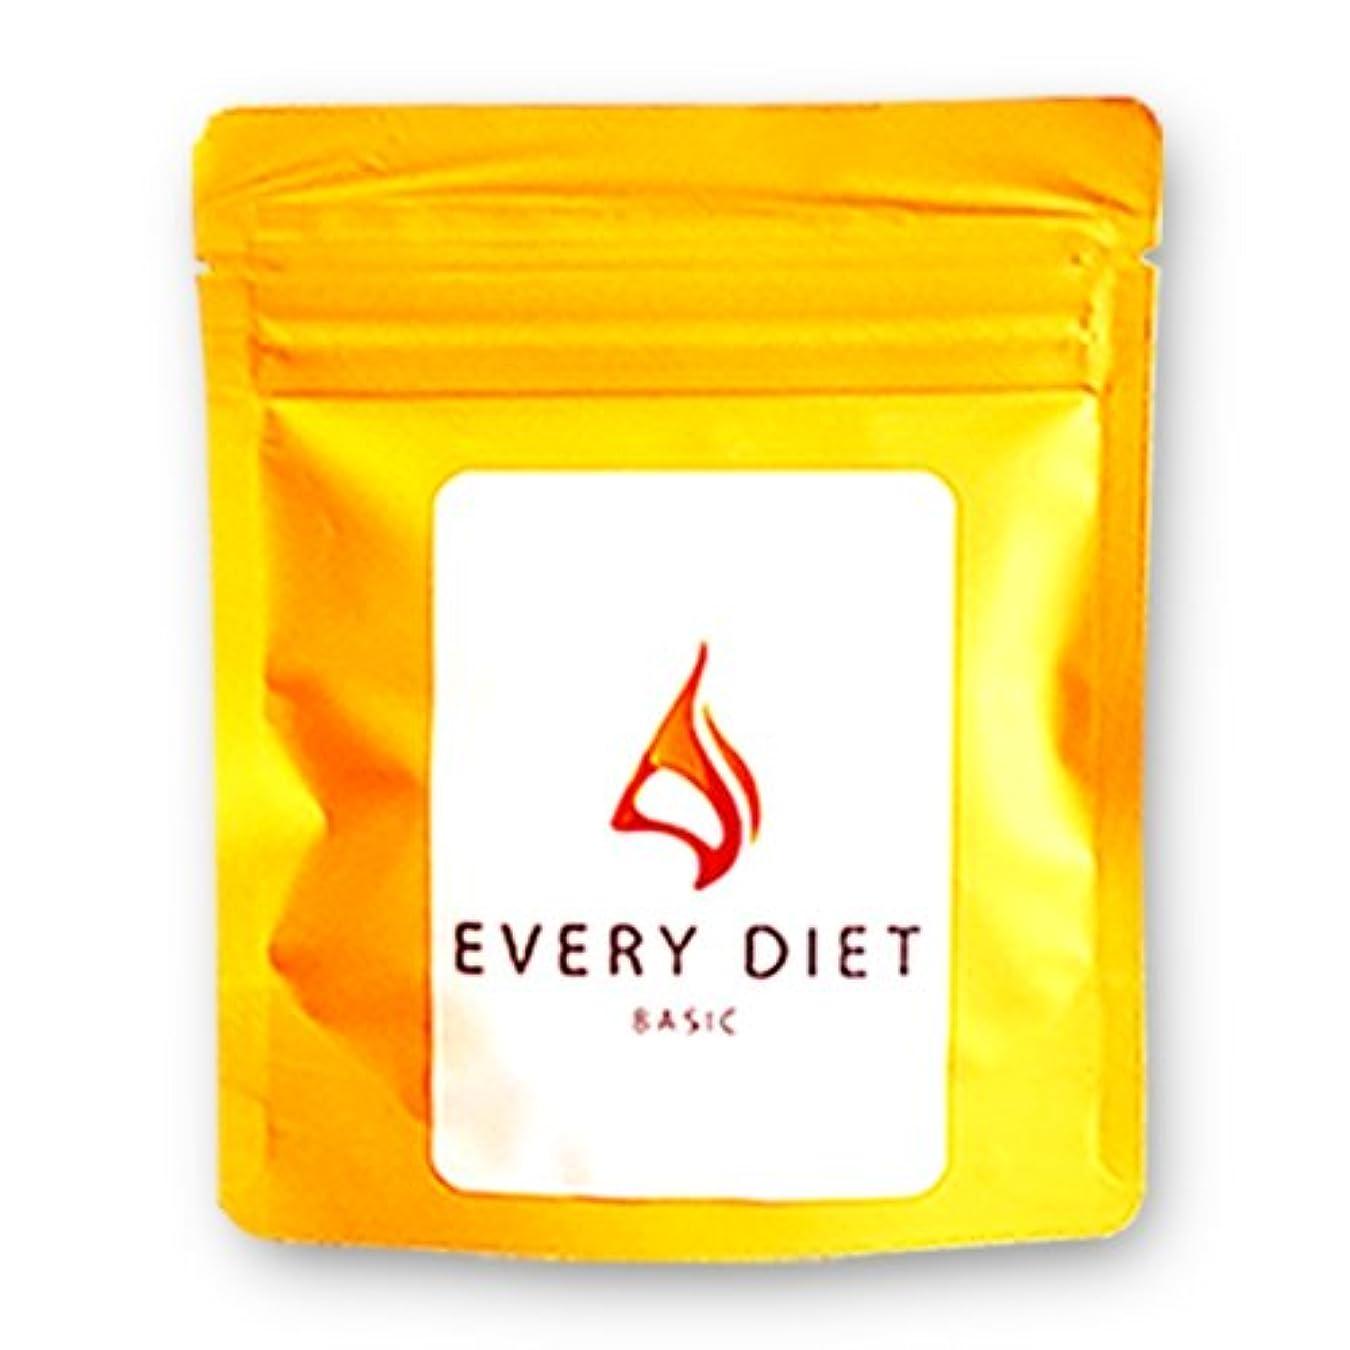 成功する休眠心配エブリダイエット ベーシック (Every Diet Basic)